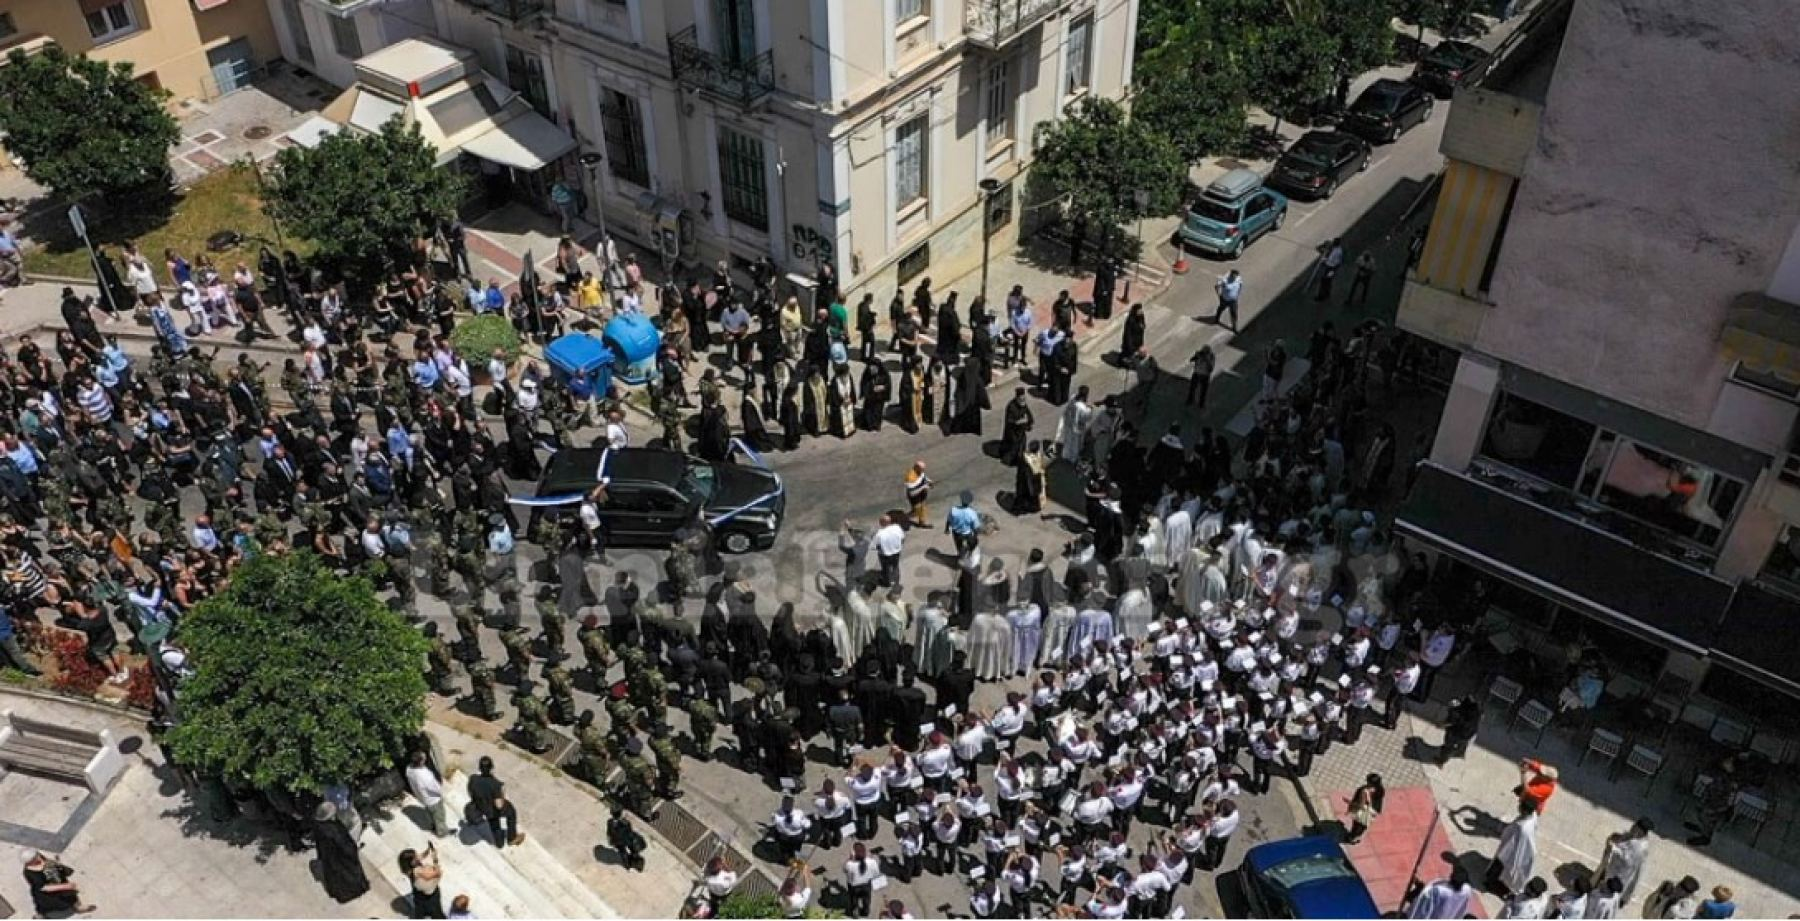 Λαμία: Δείτε από ψηλά την πομπή της κηδείας του Μητροπολίτη Φθιώτιδας